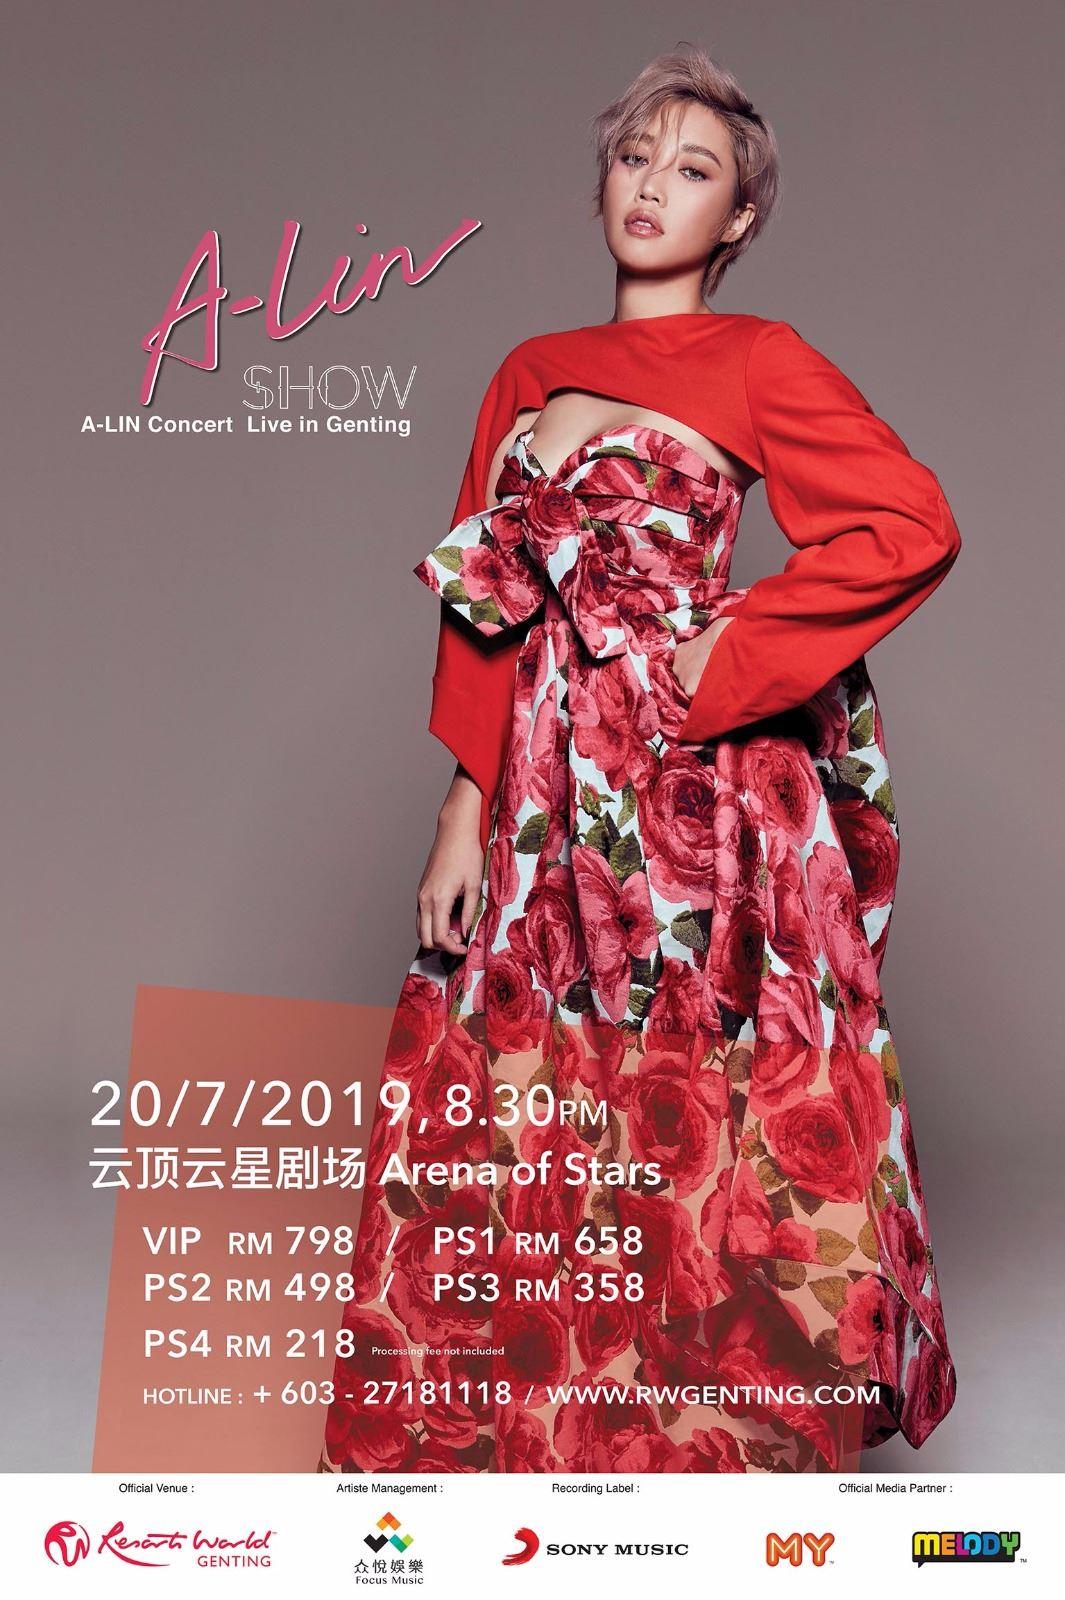 「天生歌姬」a-lin 720唱响云顶!门票3月5日开售